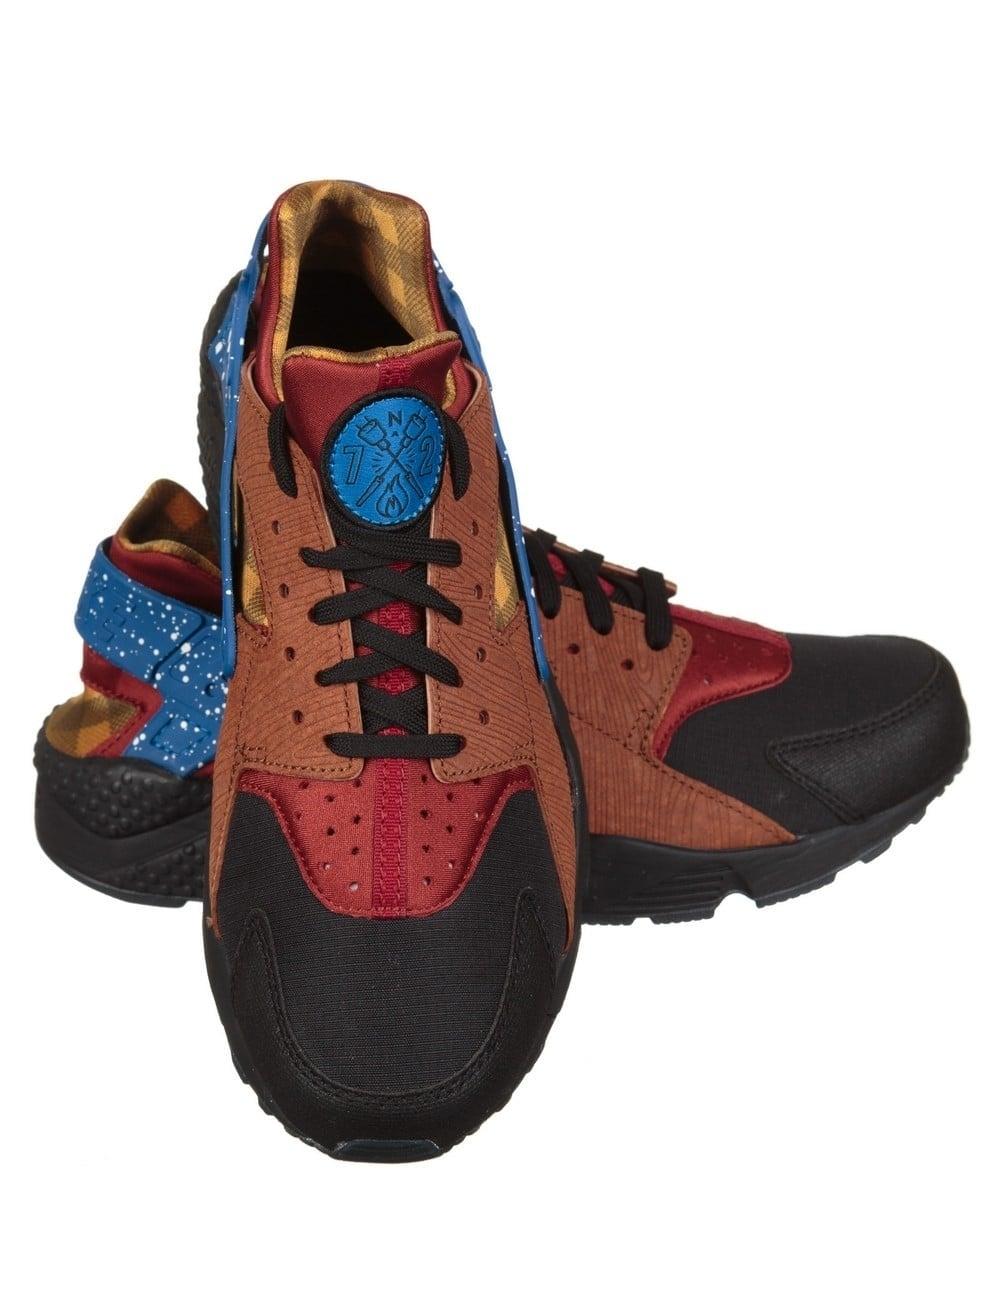 Nike Air Huarache Ultra Shoes - Dark